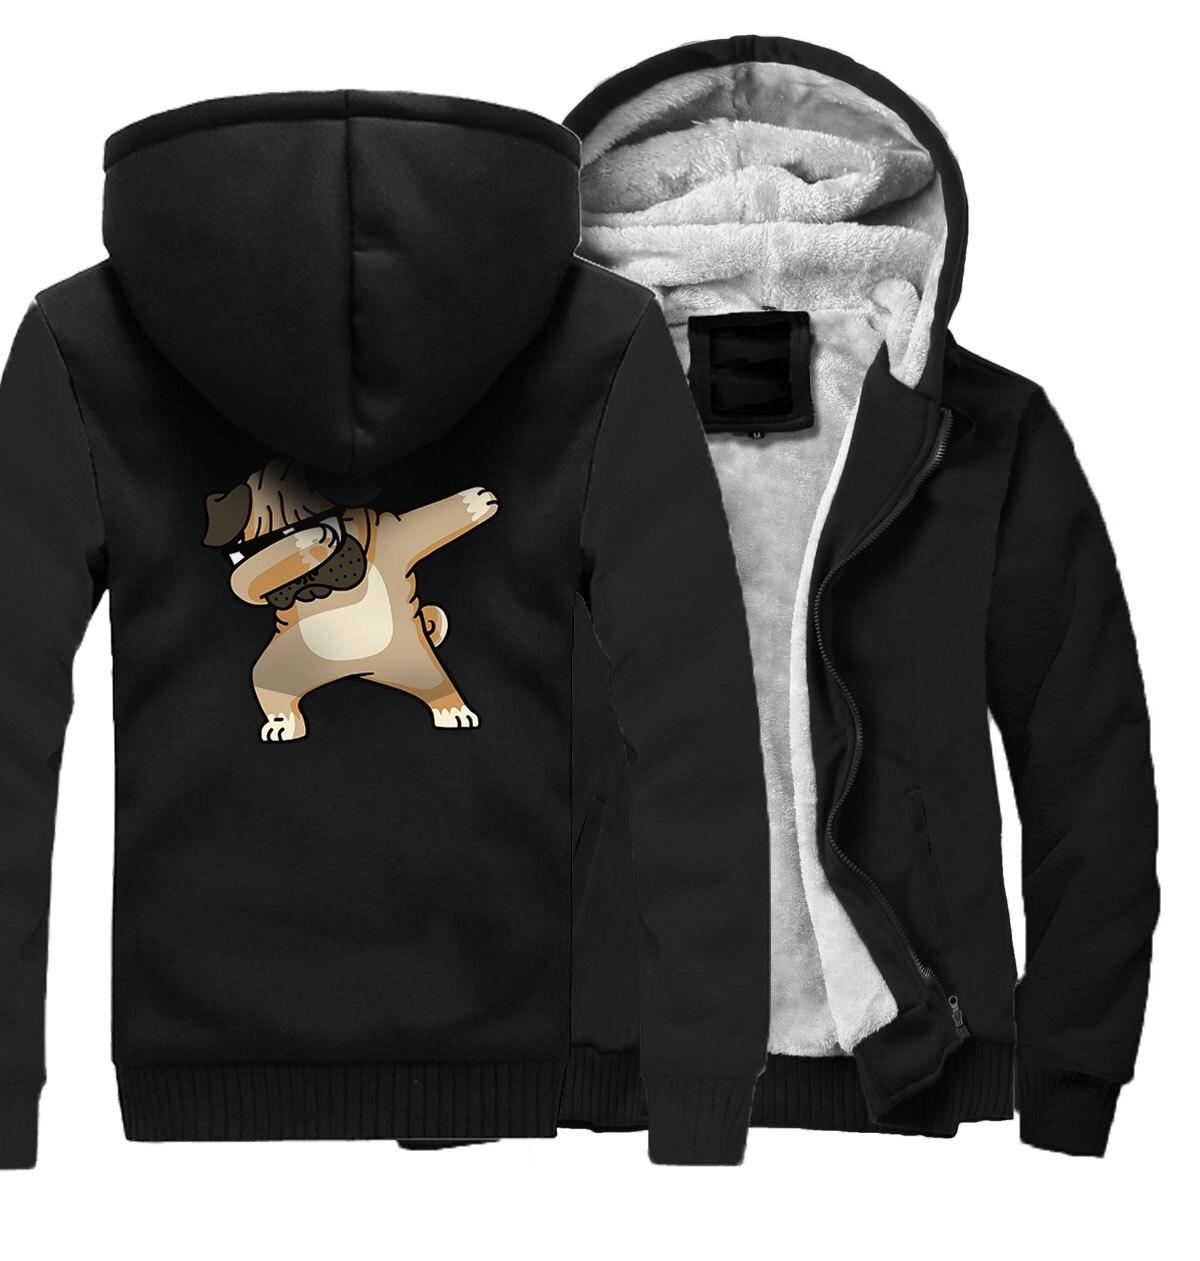 2018 automne hiver marque vêtements manteau Streetwear à capuche Dabbing Pug imprimer sweat hommes Harajuku hommes vestes Hip Hop Hoodies